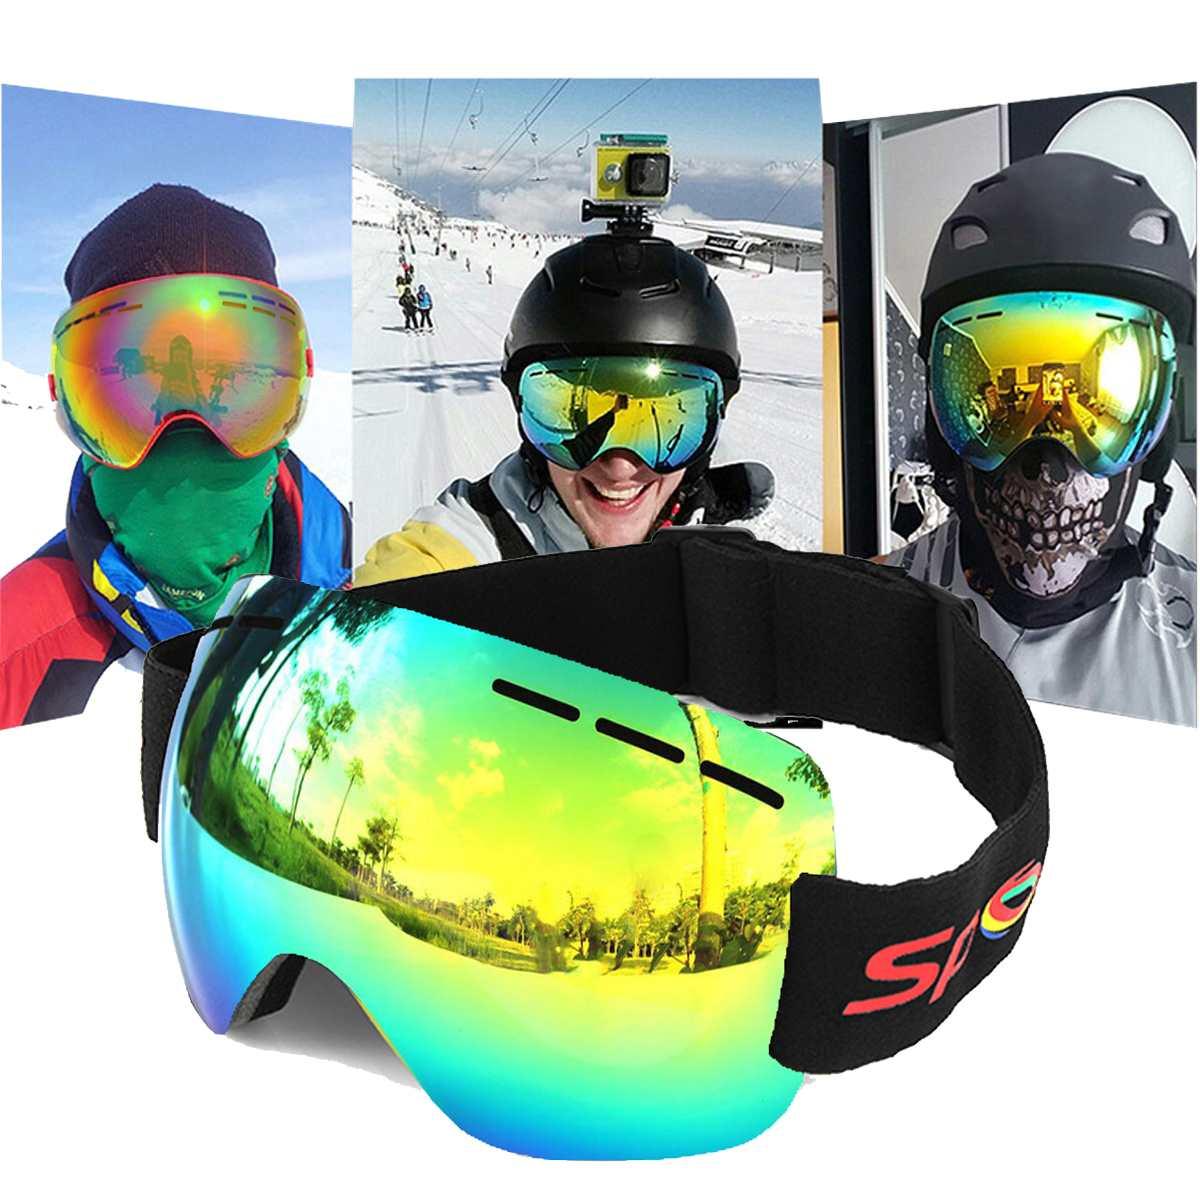 סקי משקפי סקי אנטי ערפל UV הגנת סנובורד משקפי גברים נשים שלג ספורט סקי משקפיים Snowmobile מסכת החלקה